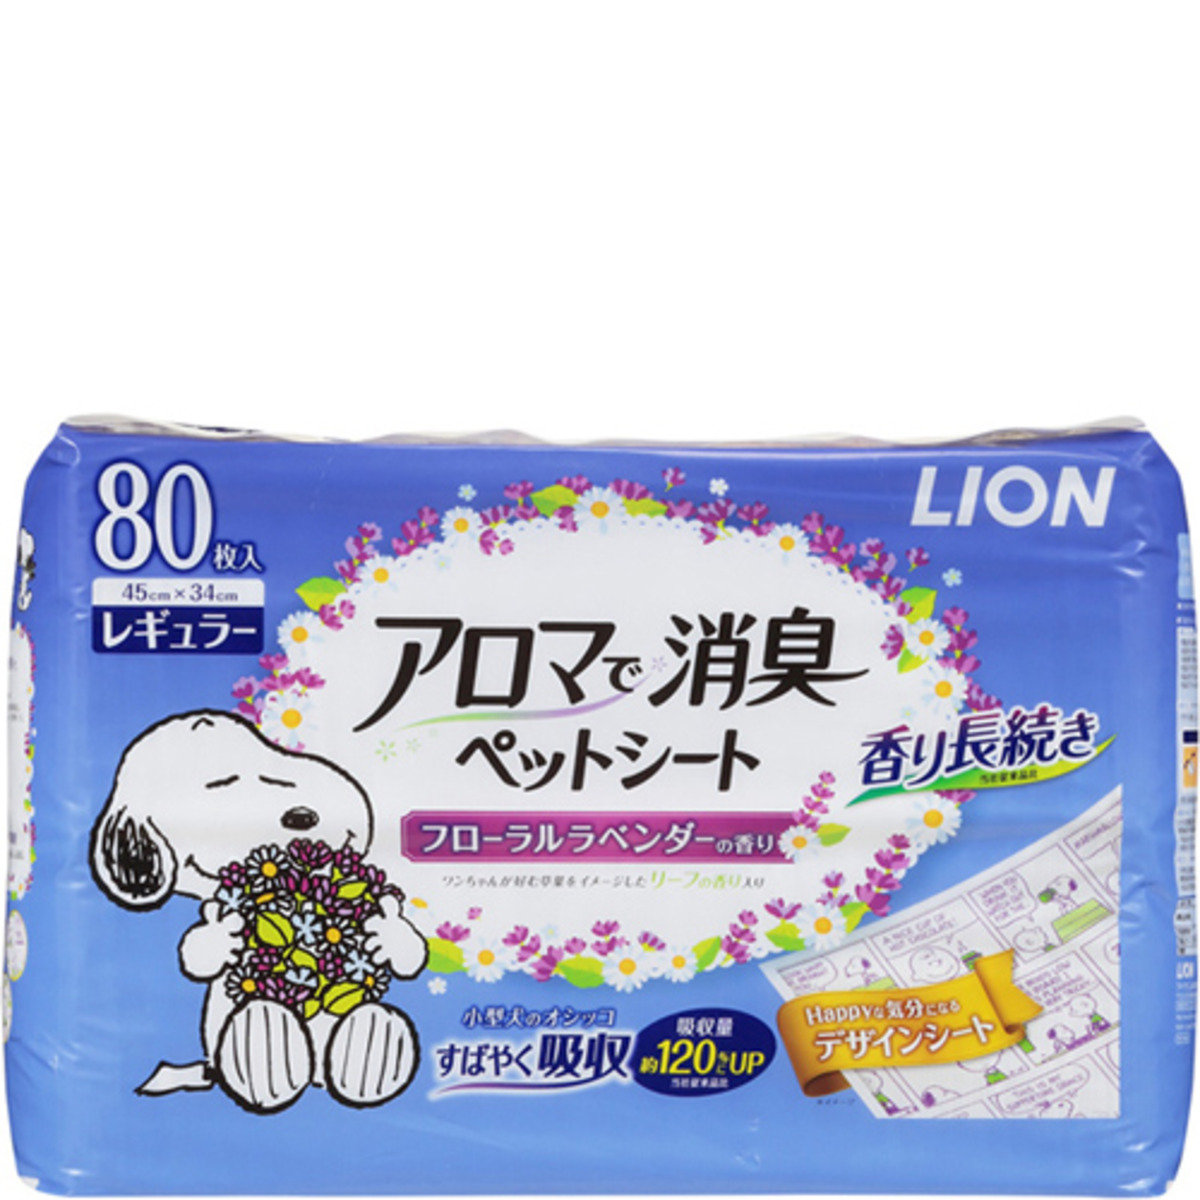 日本 LION 薰衣草寵物尿片80片裝 - 45x34cm